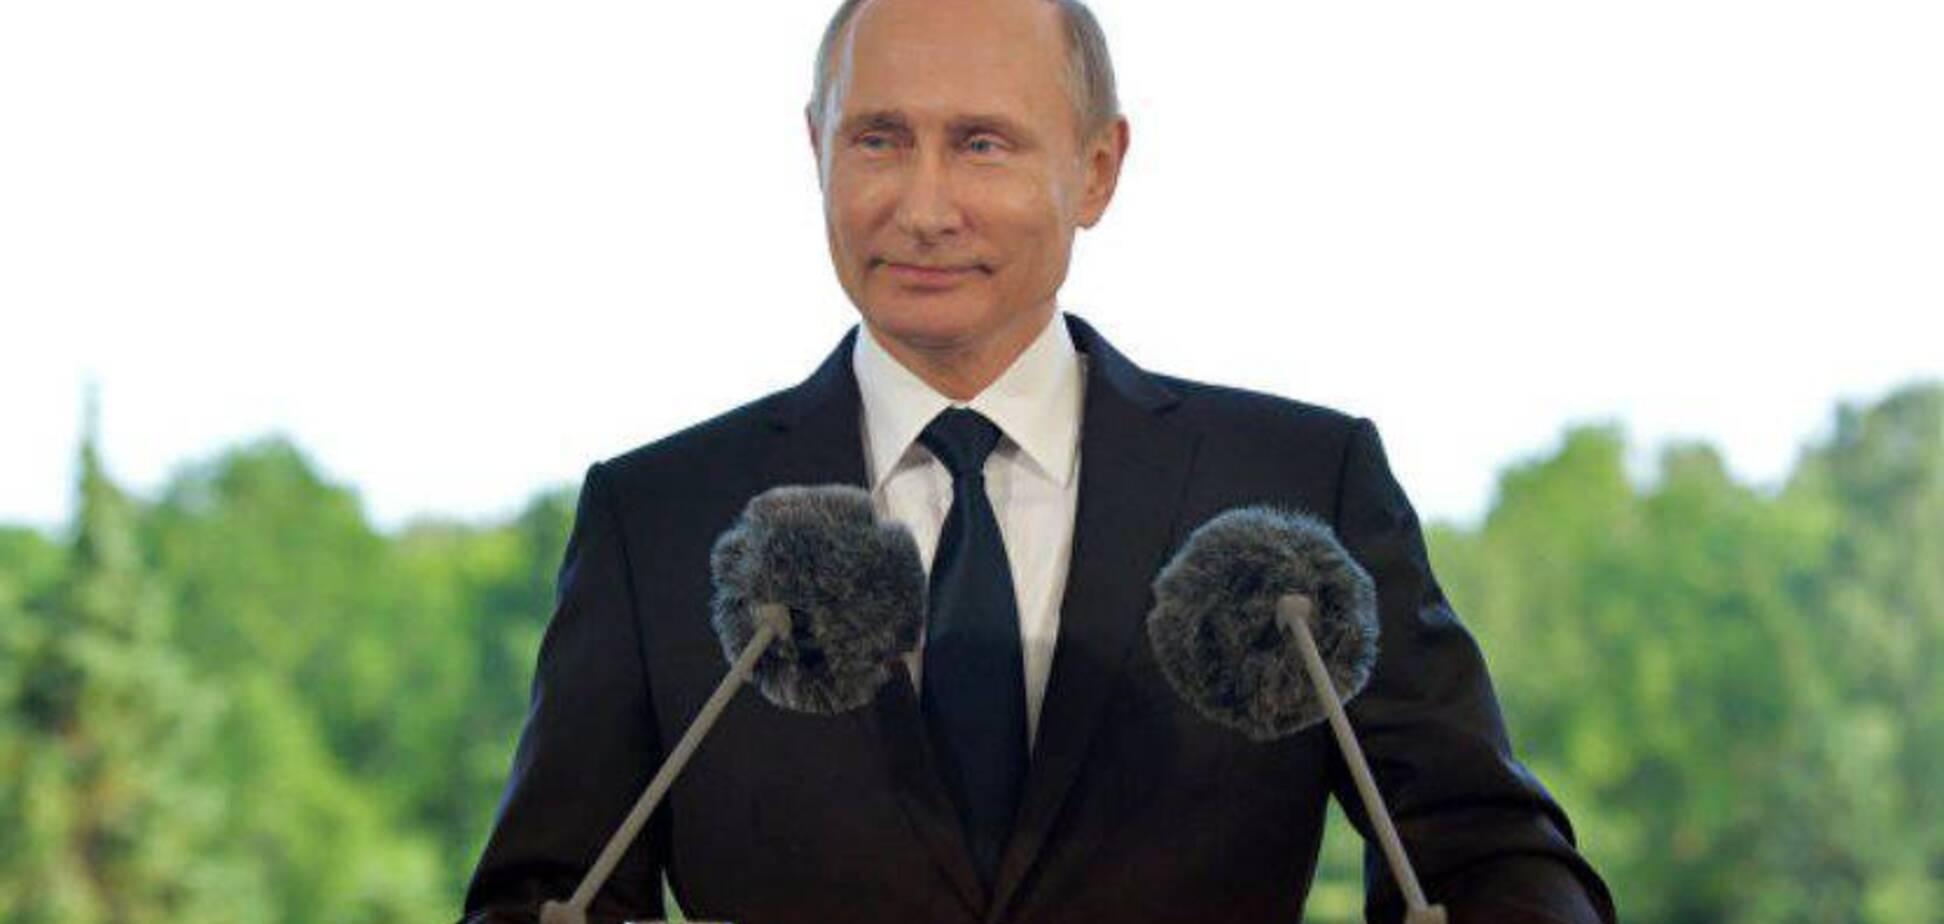 Владимир Владимирович, в чем виновата Финляндия?